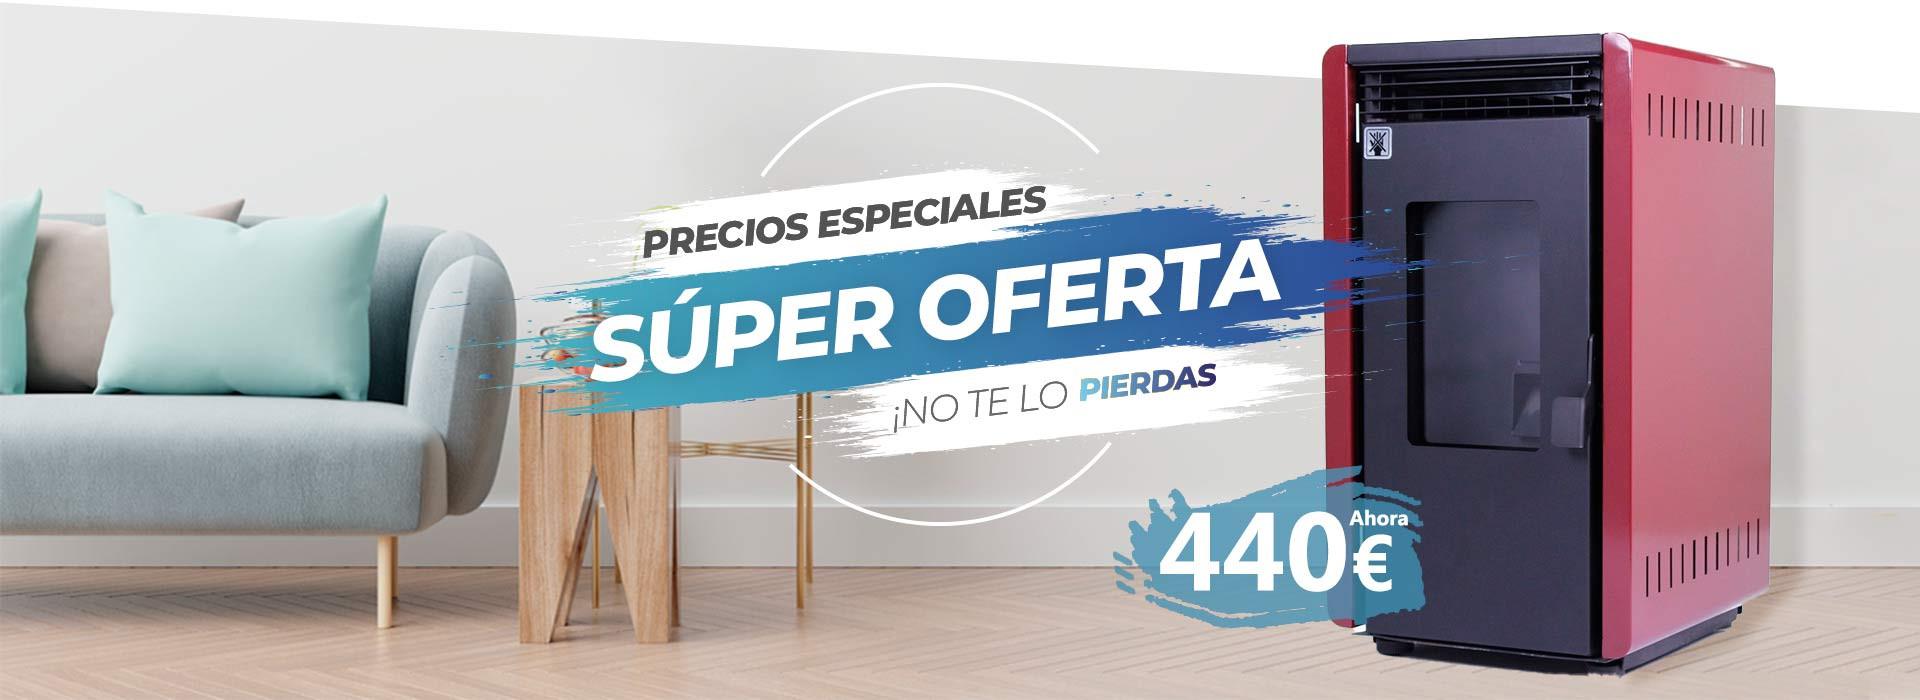 ¡ SUPER OFRTA !